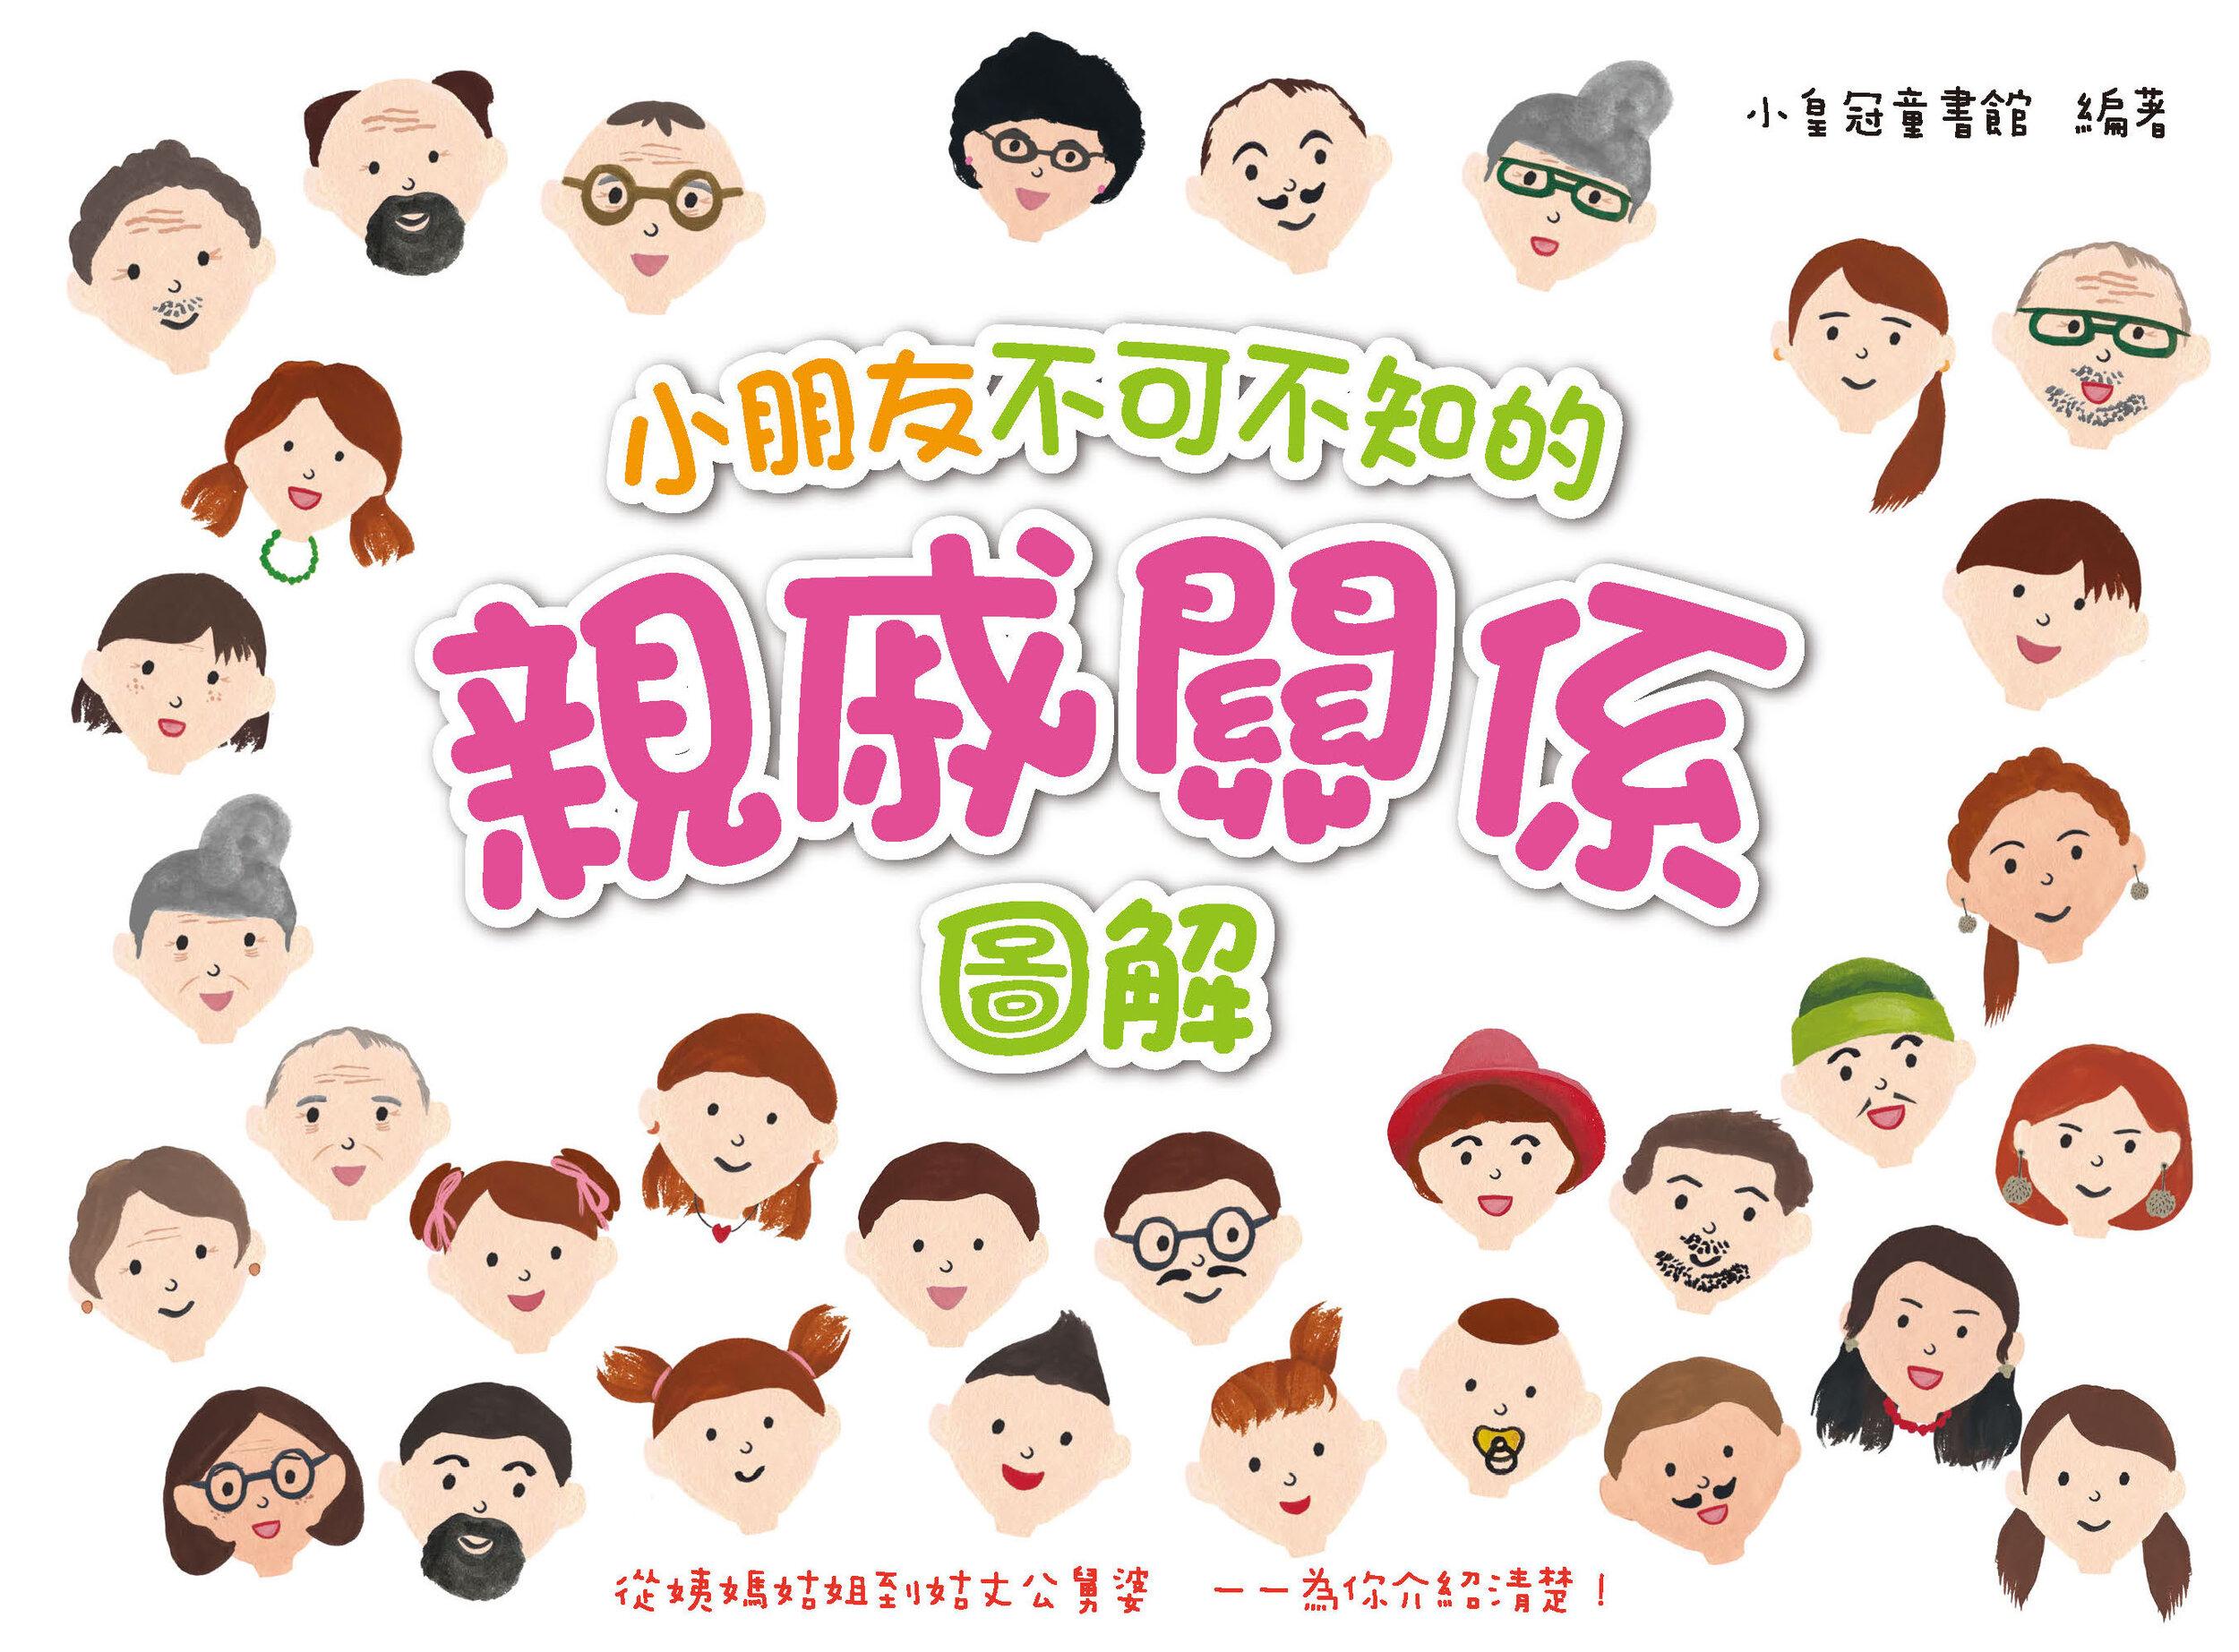 030614412466.親戚關係圖解_cover-2D (1).jpg